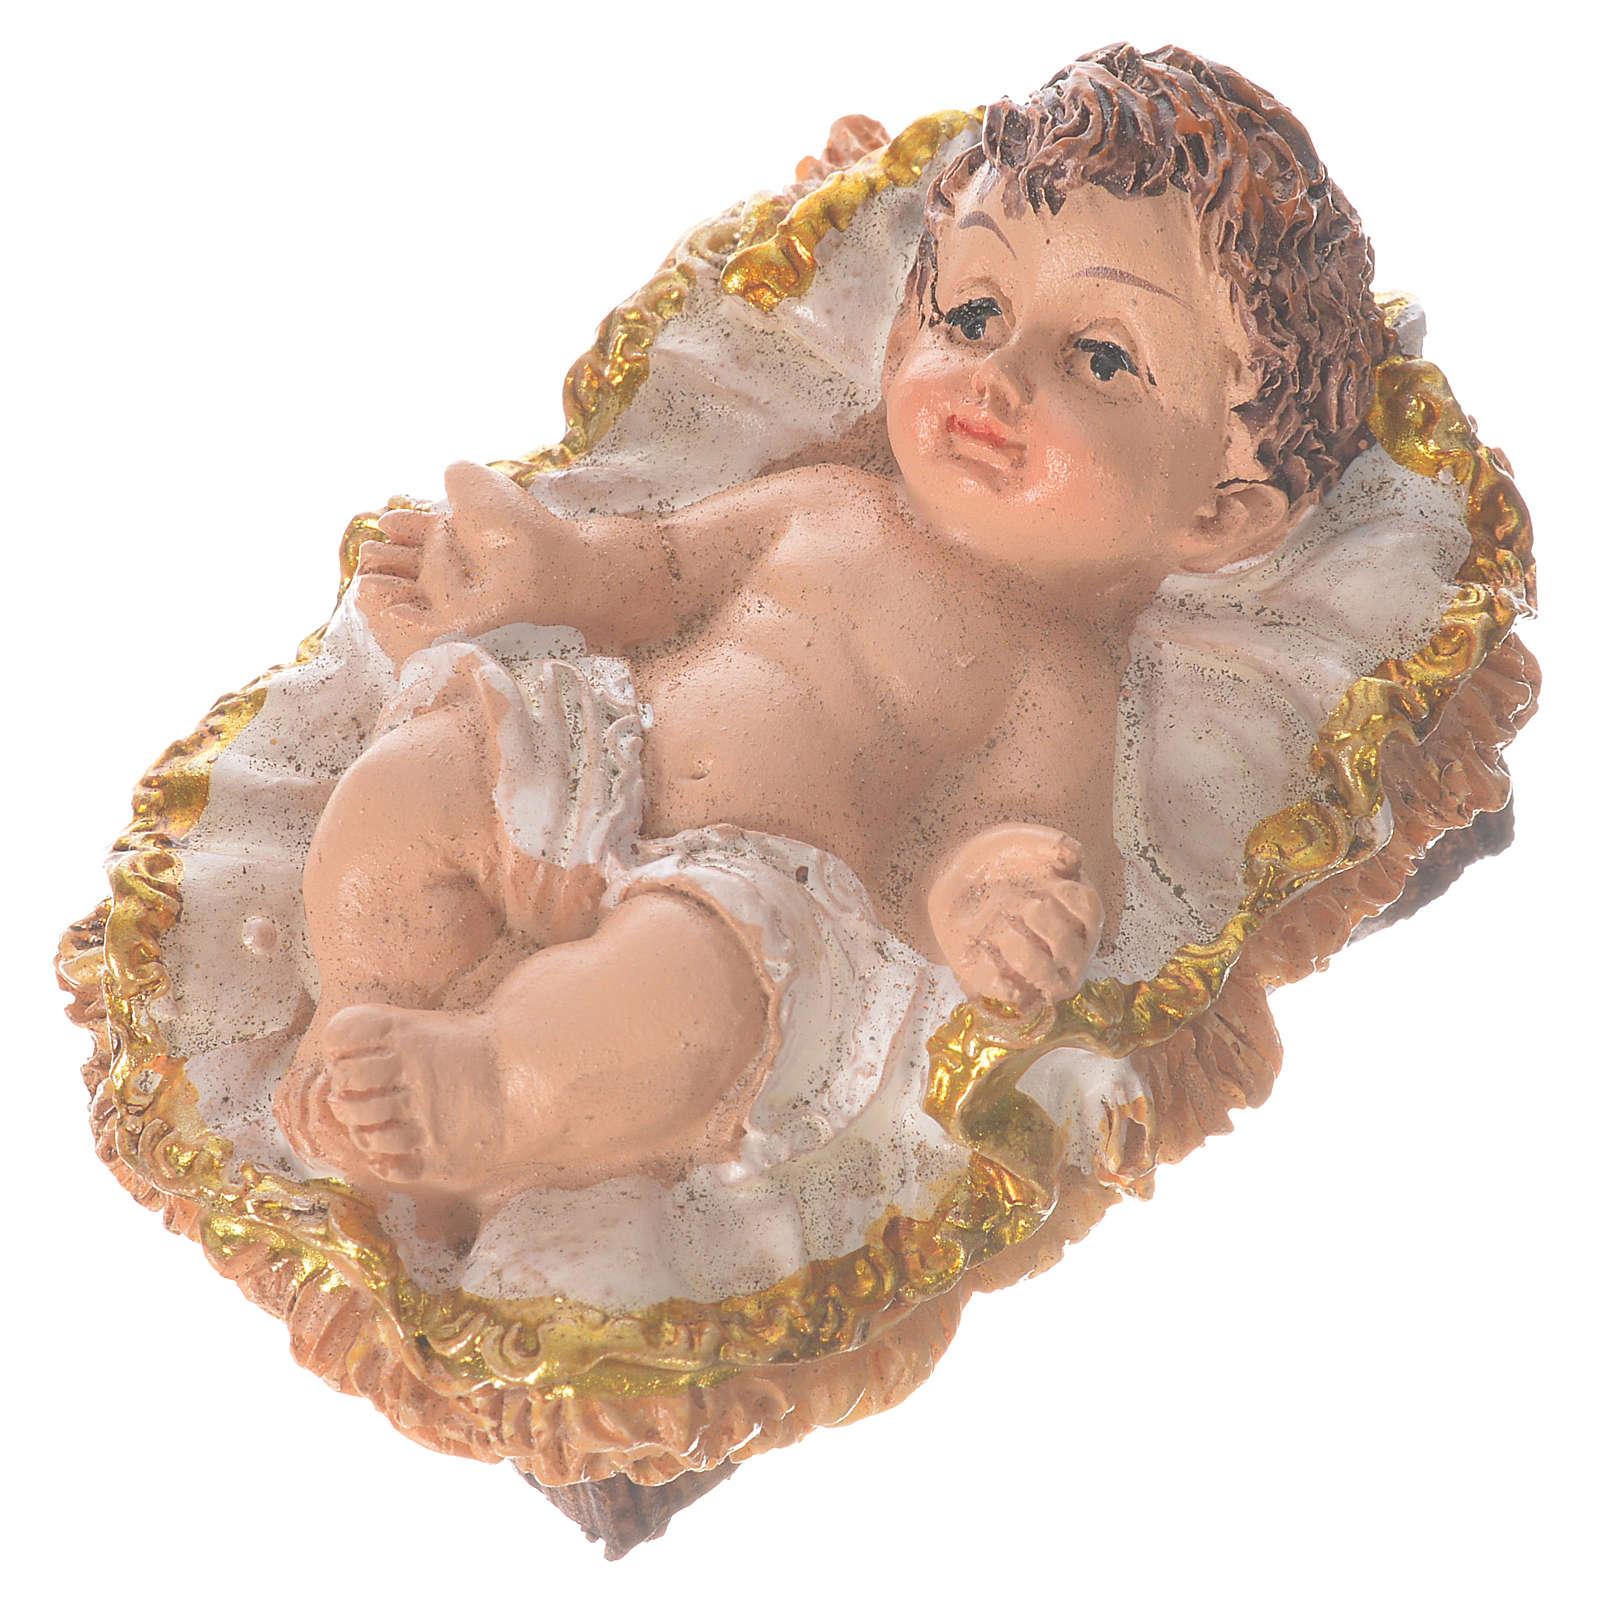 Bambinello con culla altezza 6 cm resina 3